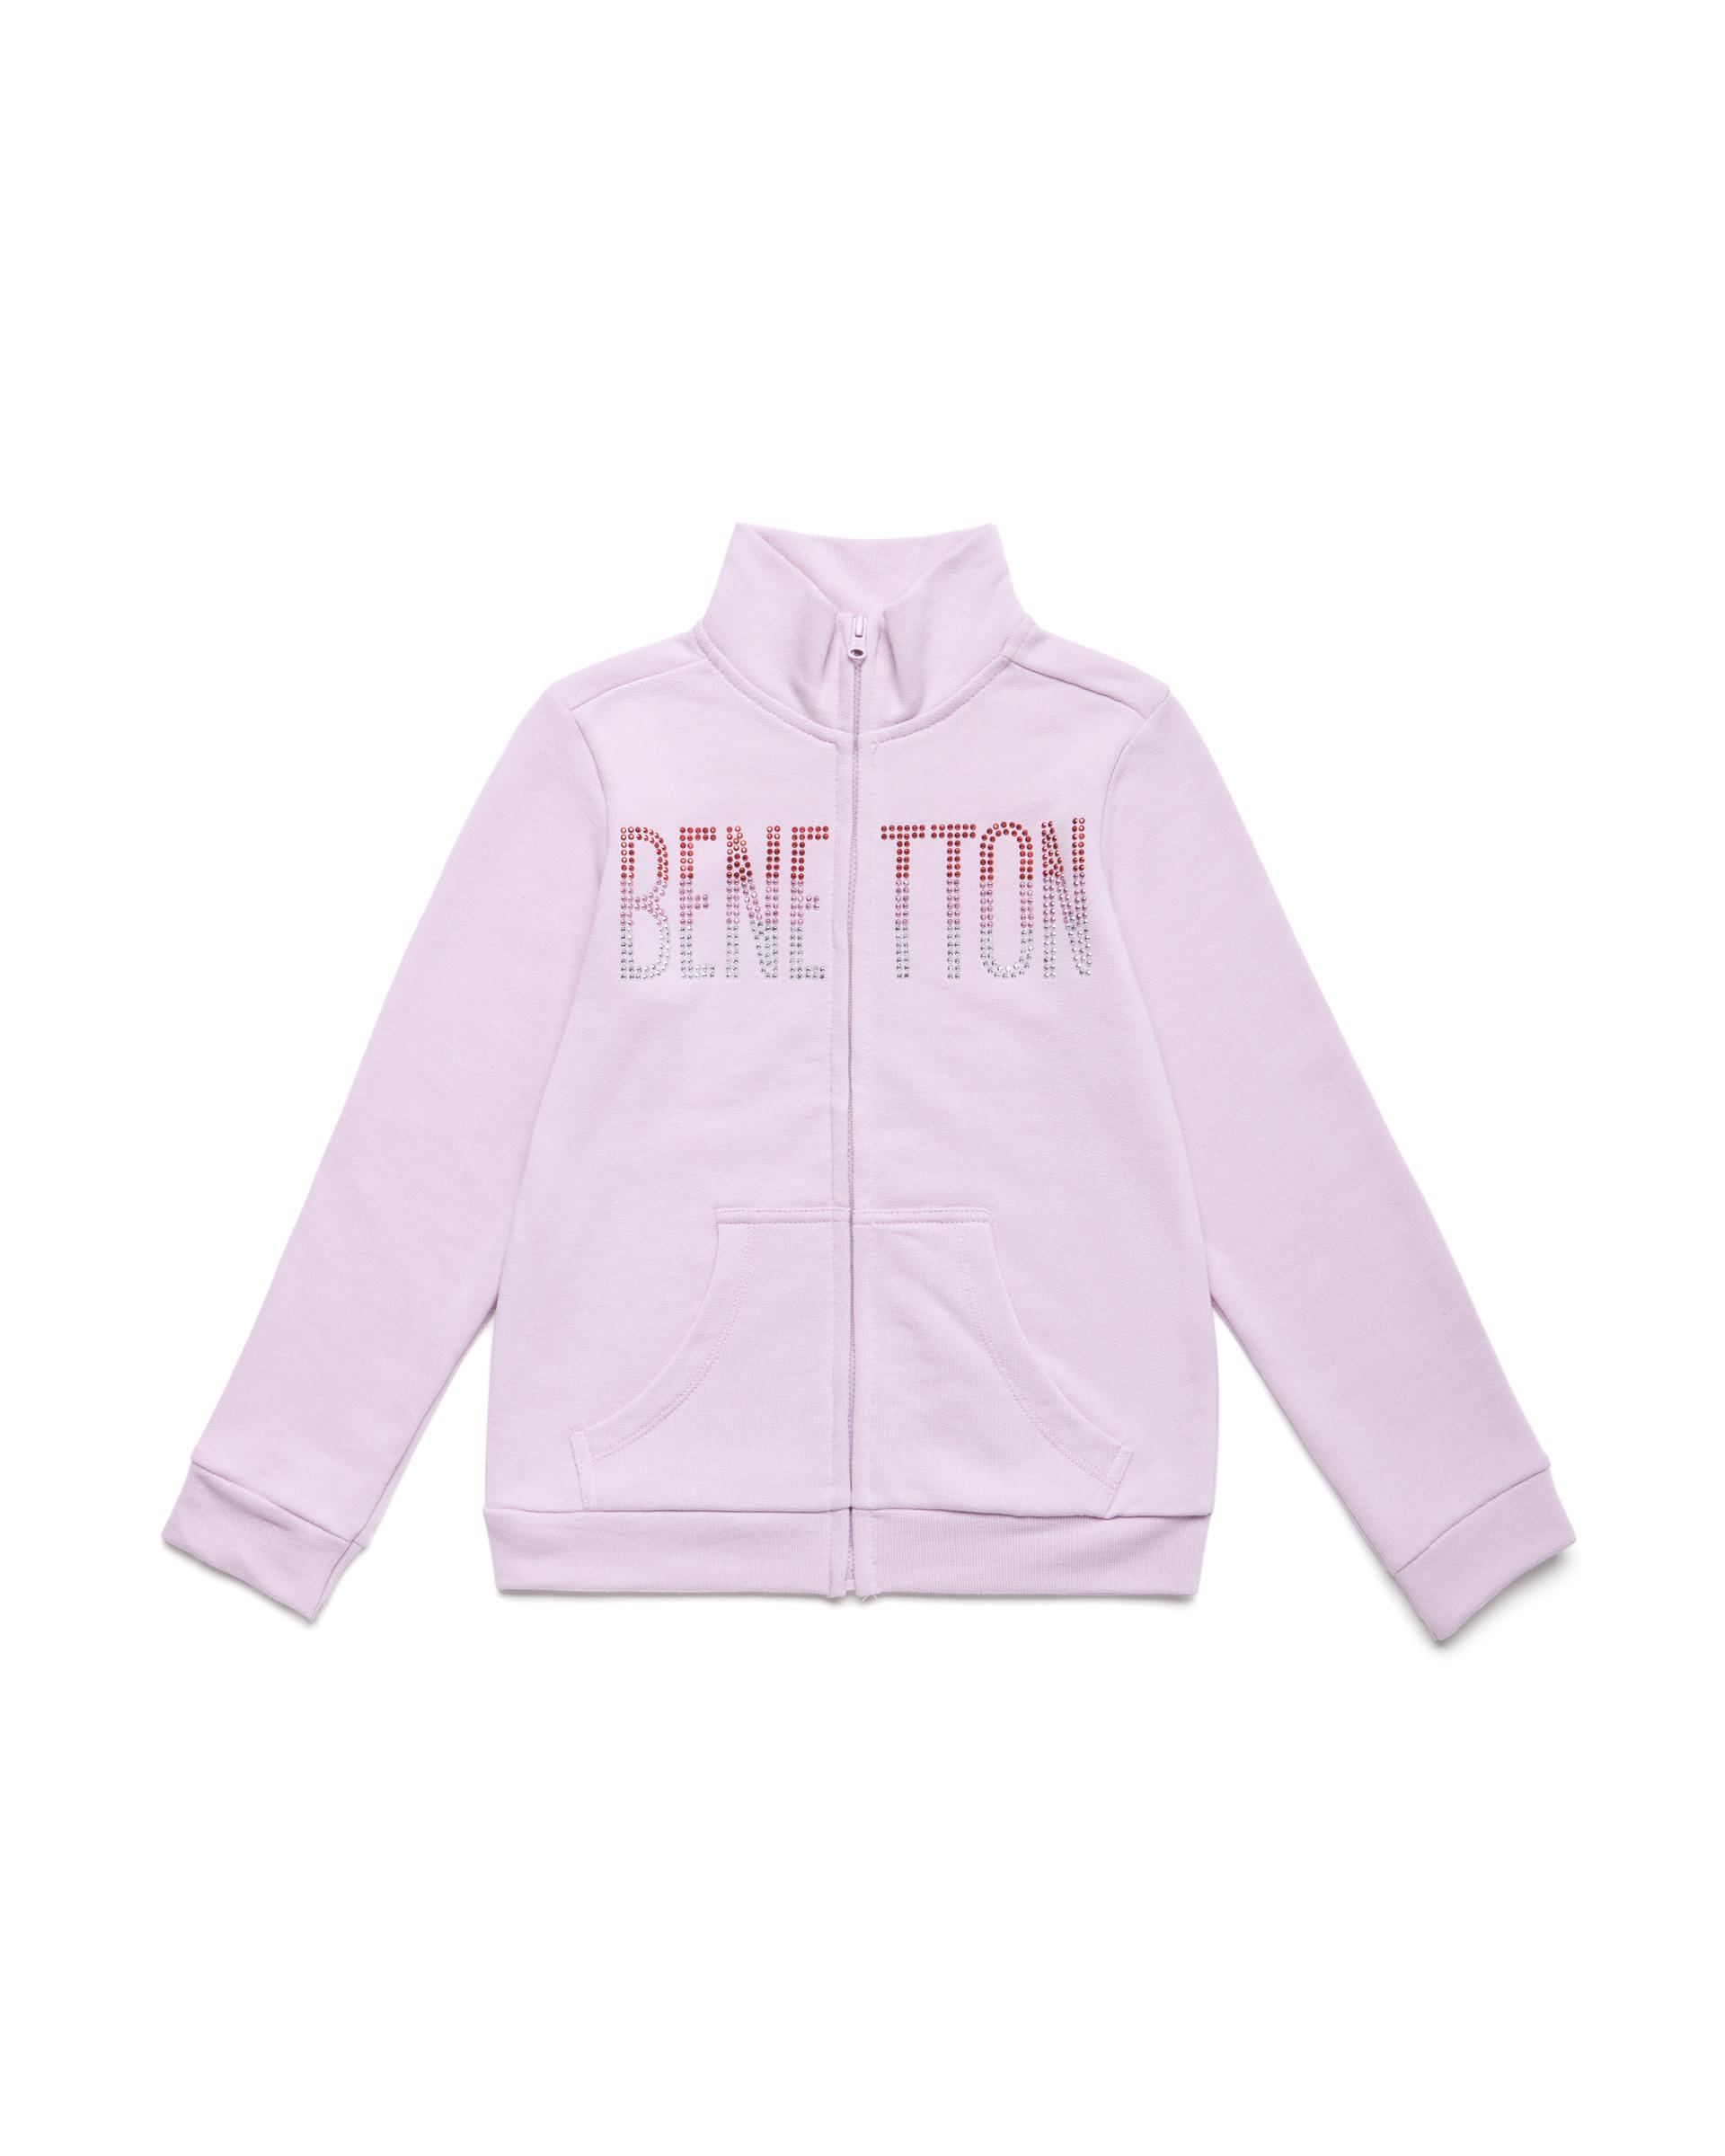 Купить 20P_3J68C5793_07M, Толстовка для девочек Benetton 3J68C5793_07M р-р 92, United Colors of Benetton, Кофточки, футболки для новорожденных